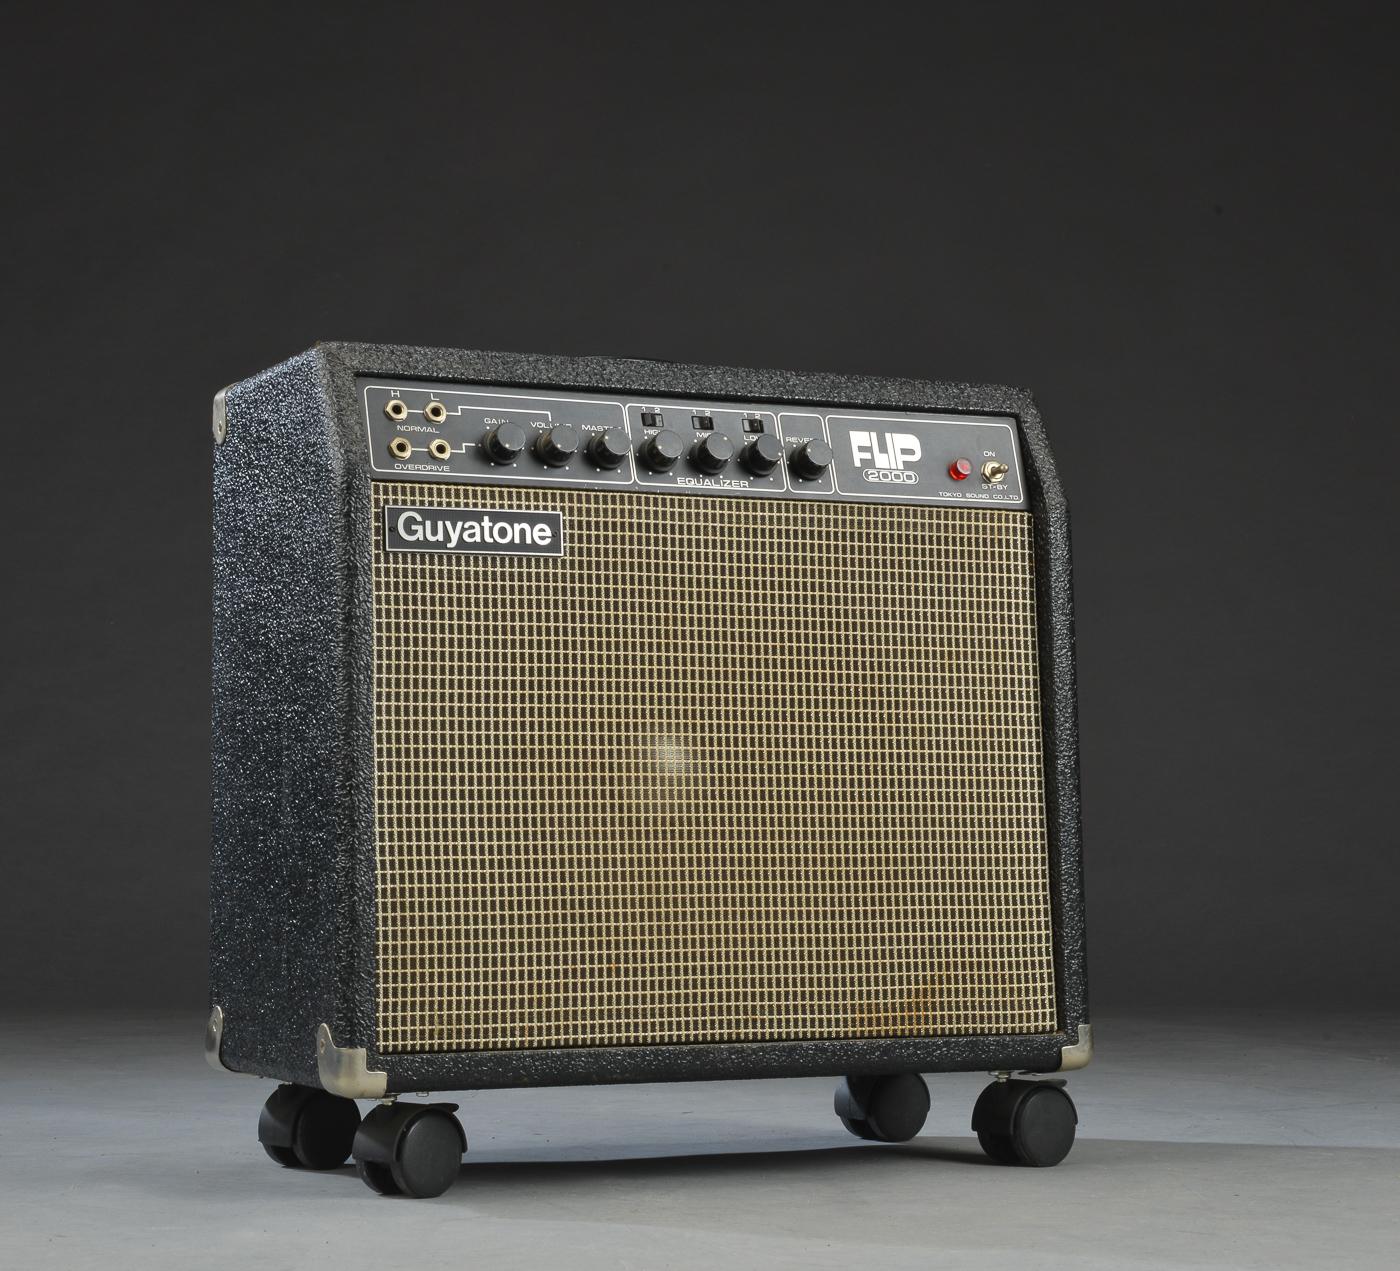 Guyatone, Flip 2000 guitarforstærker - Guyatone, Flip 2000 combo guitar-rørforstærker, model GA-2000. Produceret i Japan, antageligt ca. 1980. Senere monteret på hjul. Dækken og jack-kabel medfølger. Mål: H. 53, B. 51, D. 28 cm. Fremstår med minimale brugsspor